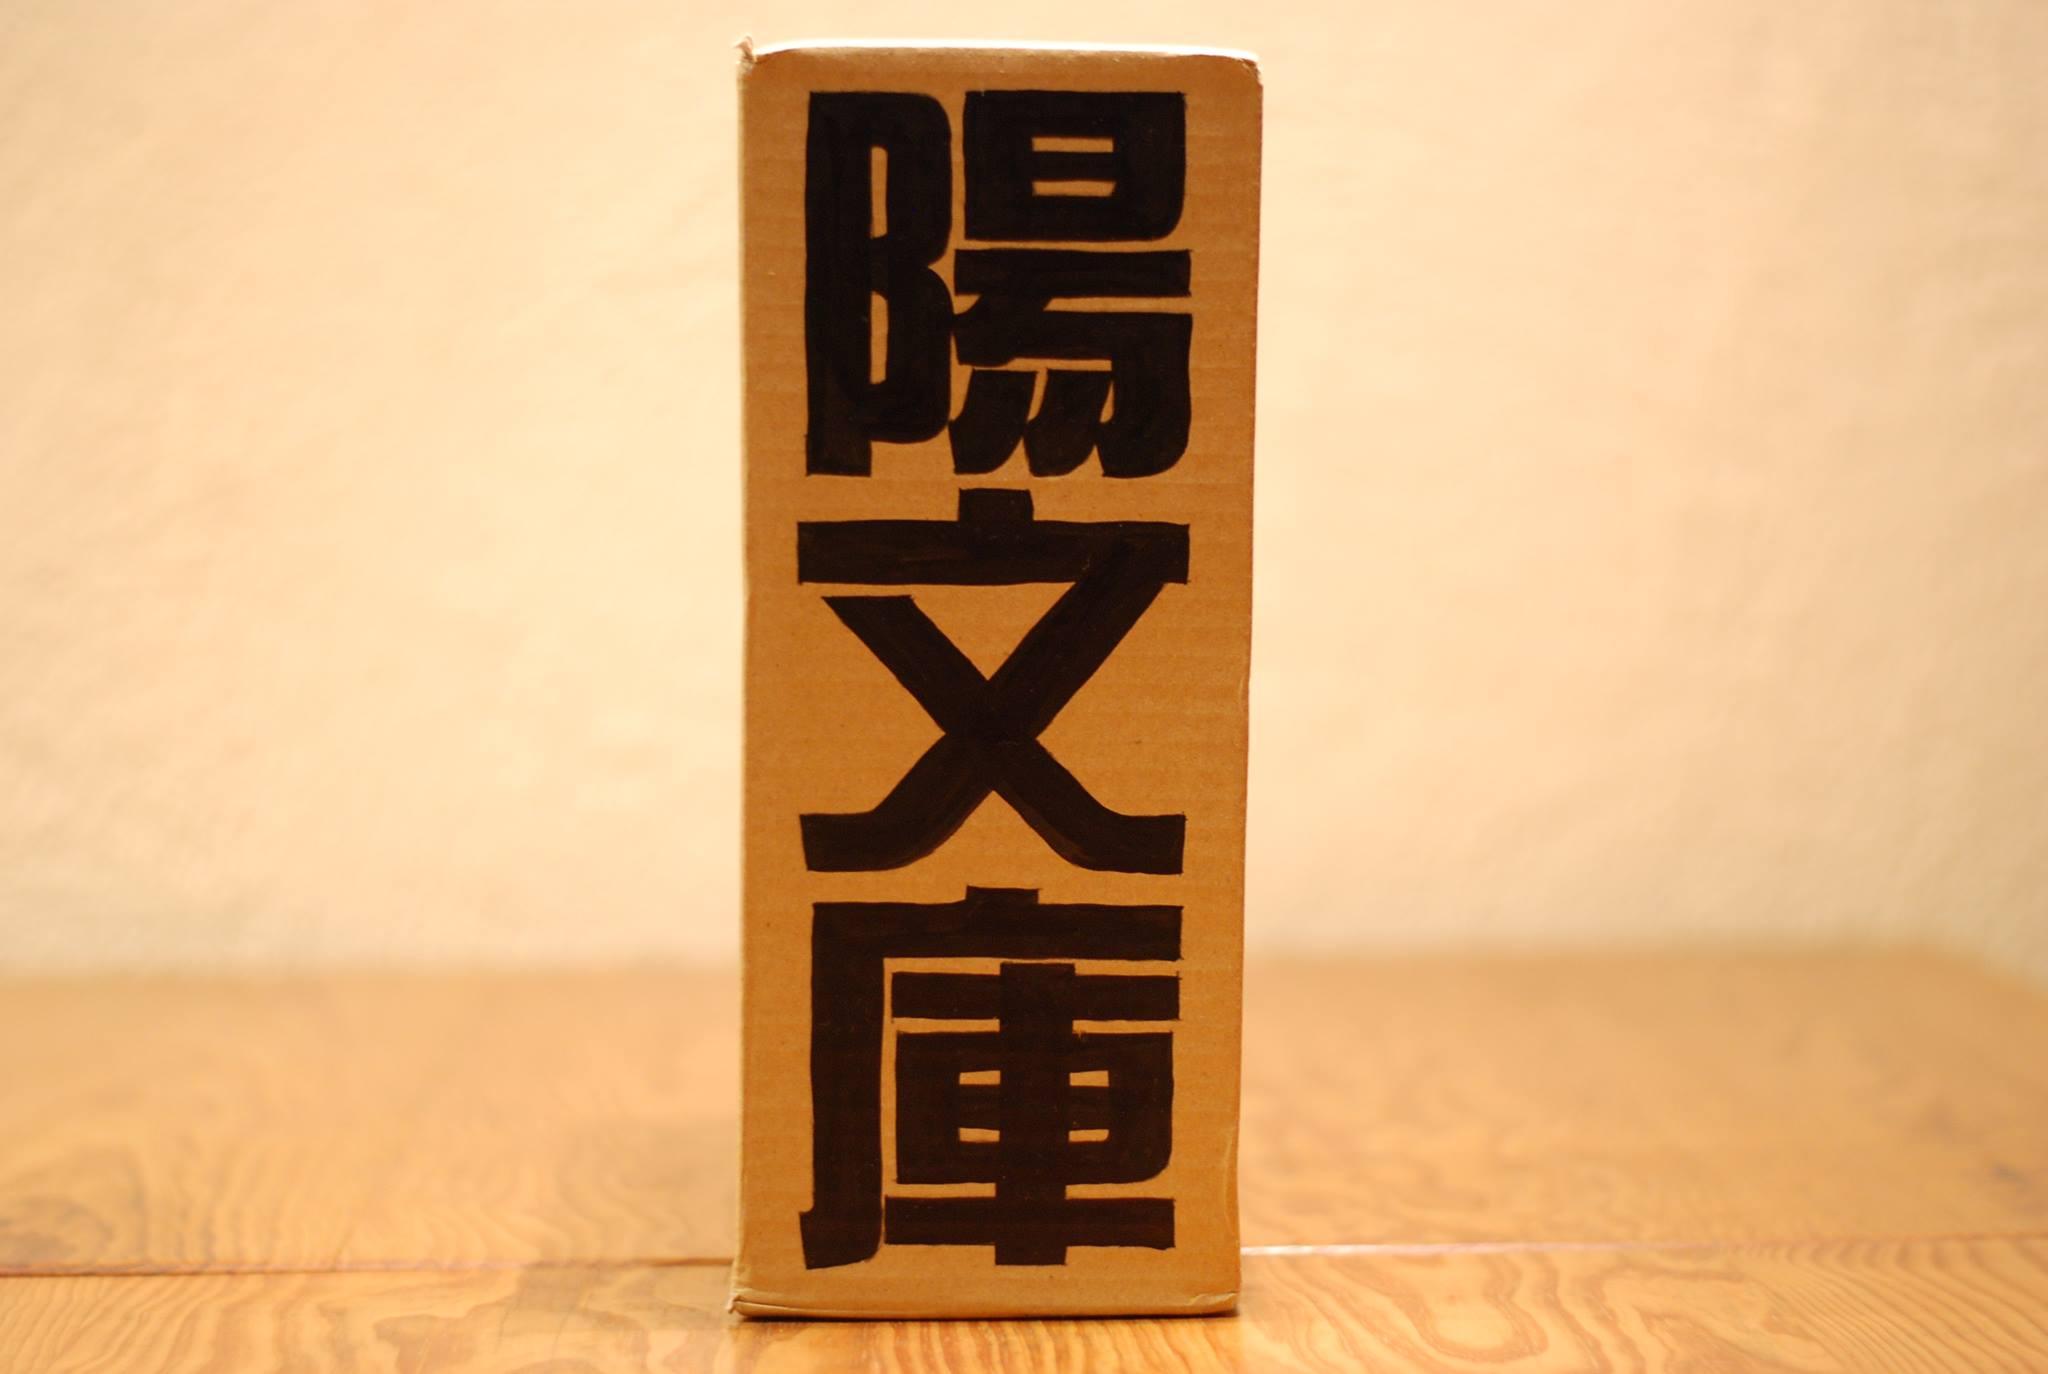 MizuikeAkira